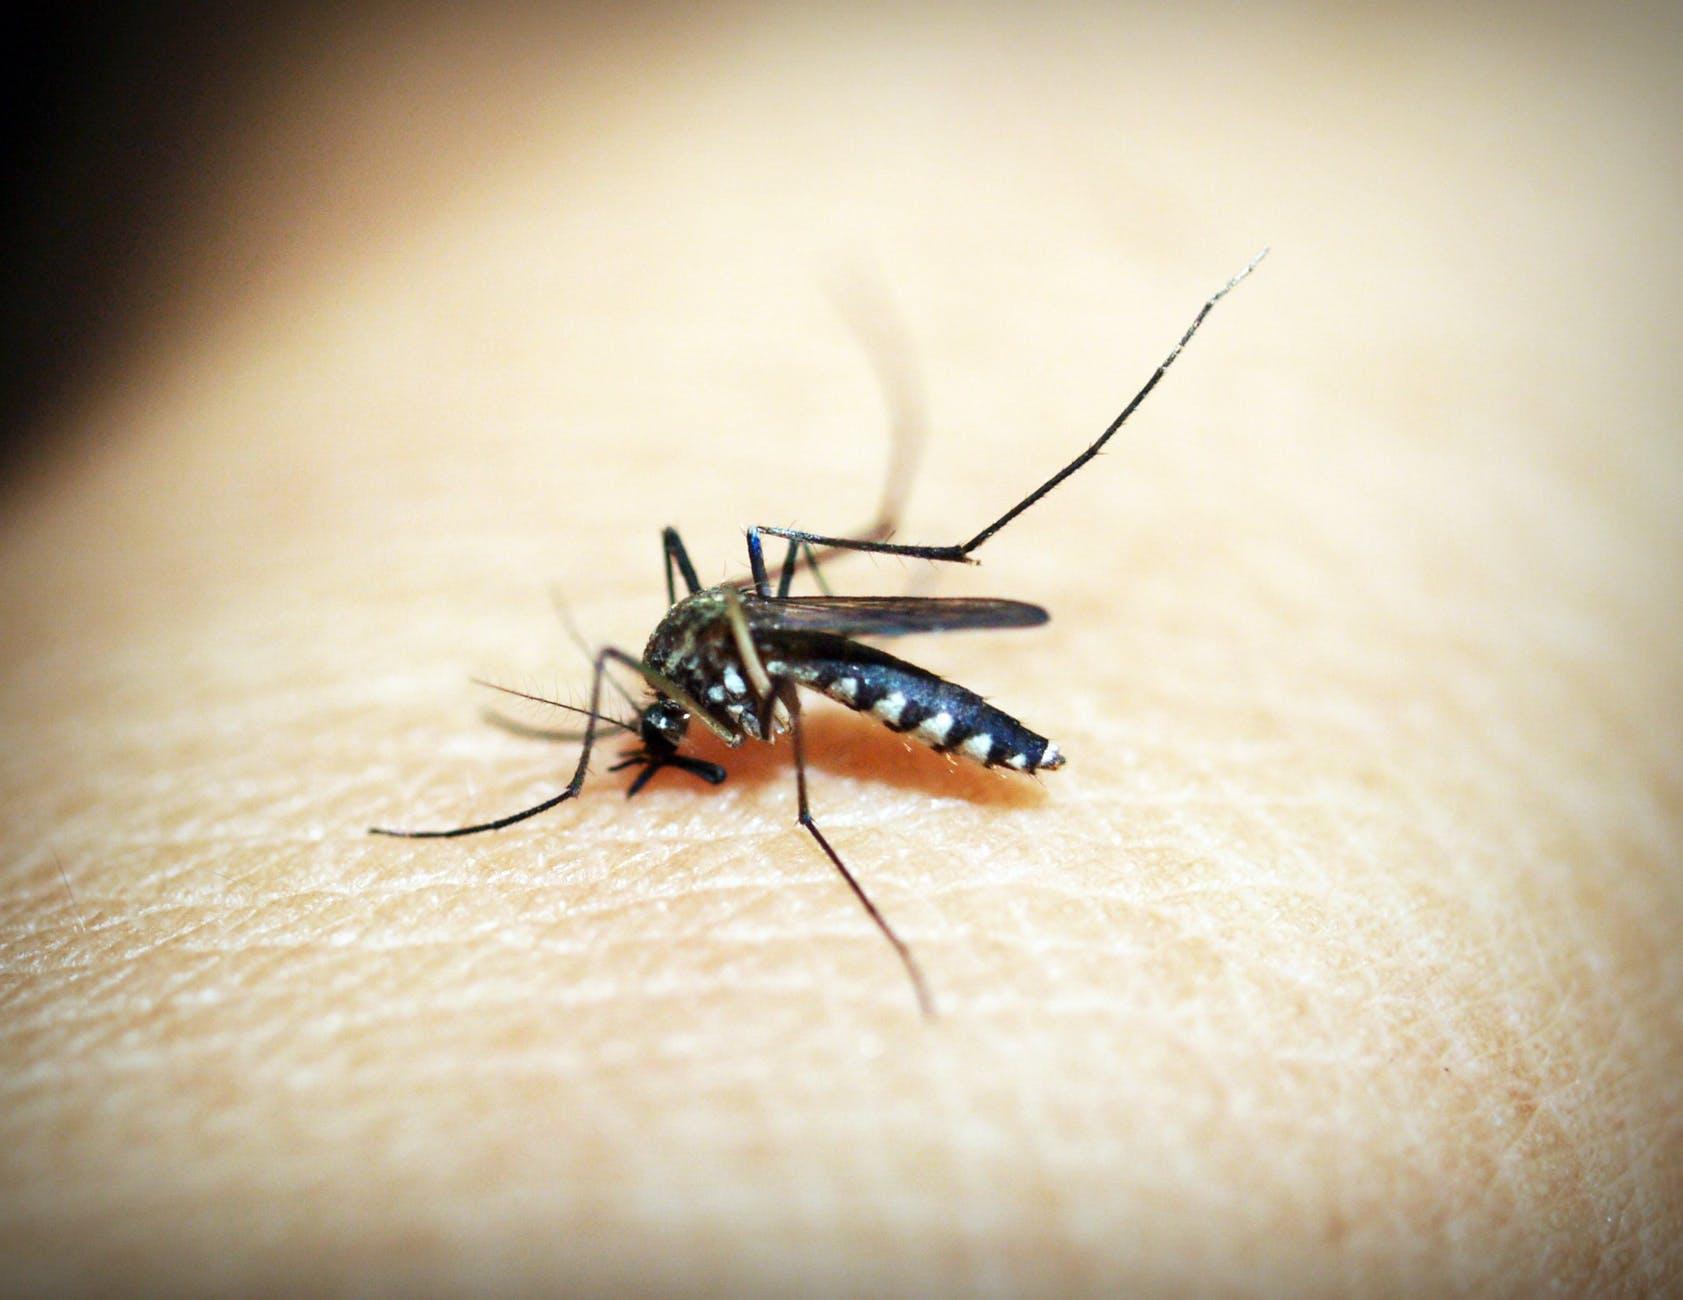 animal antenna biology bite